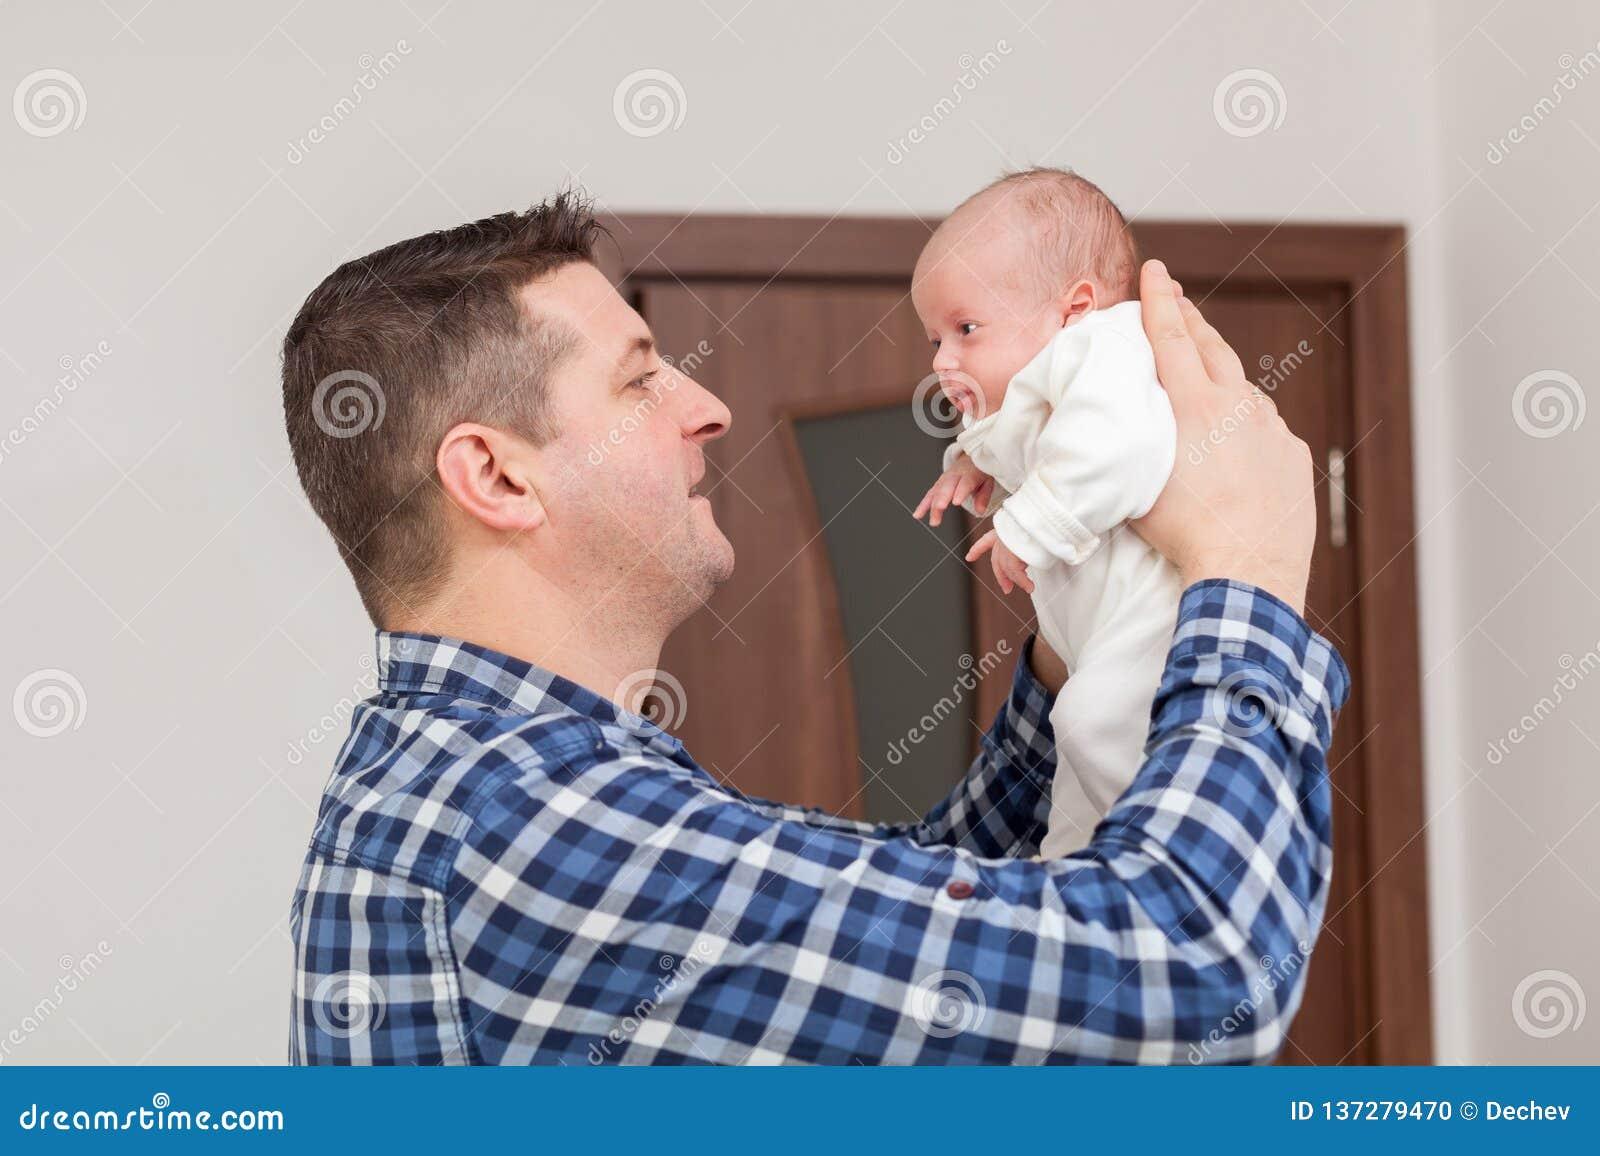 骄傲的父亲在手上的抱着他的新生儿